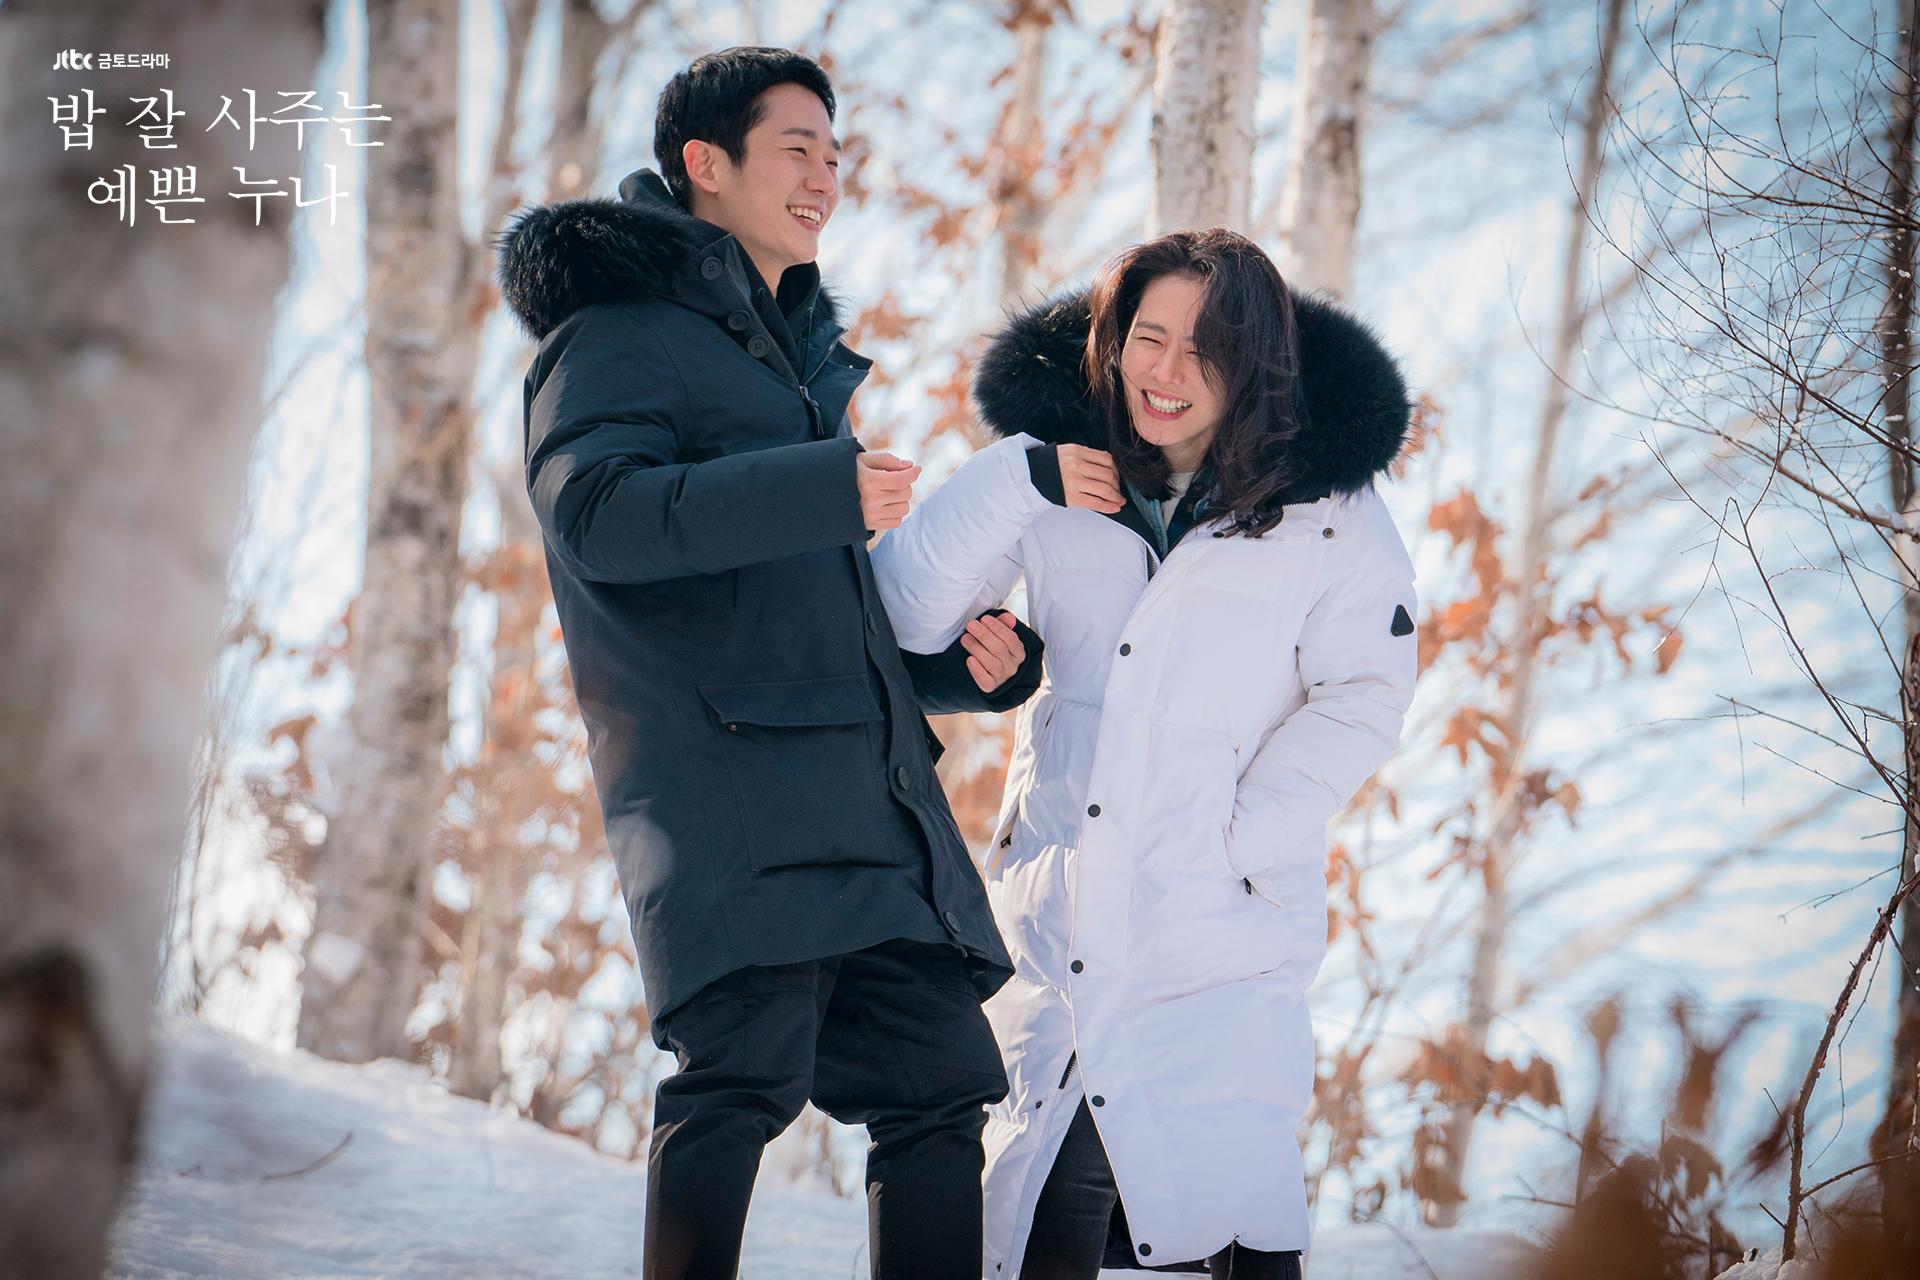 Chị Đẹp Mua Cơm Ngon: Khi câu nói phét của Song Hye Kyo trở thành tuyệt phẩm - Ảnh 2.